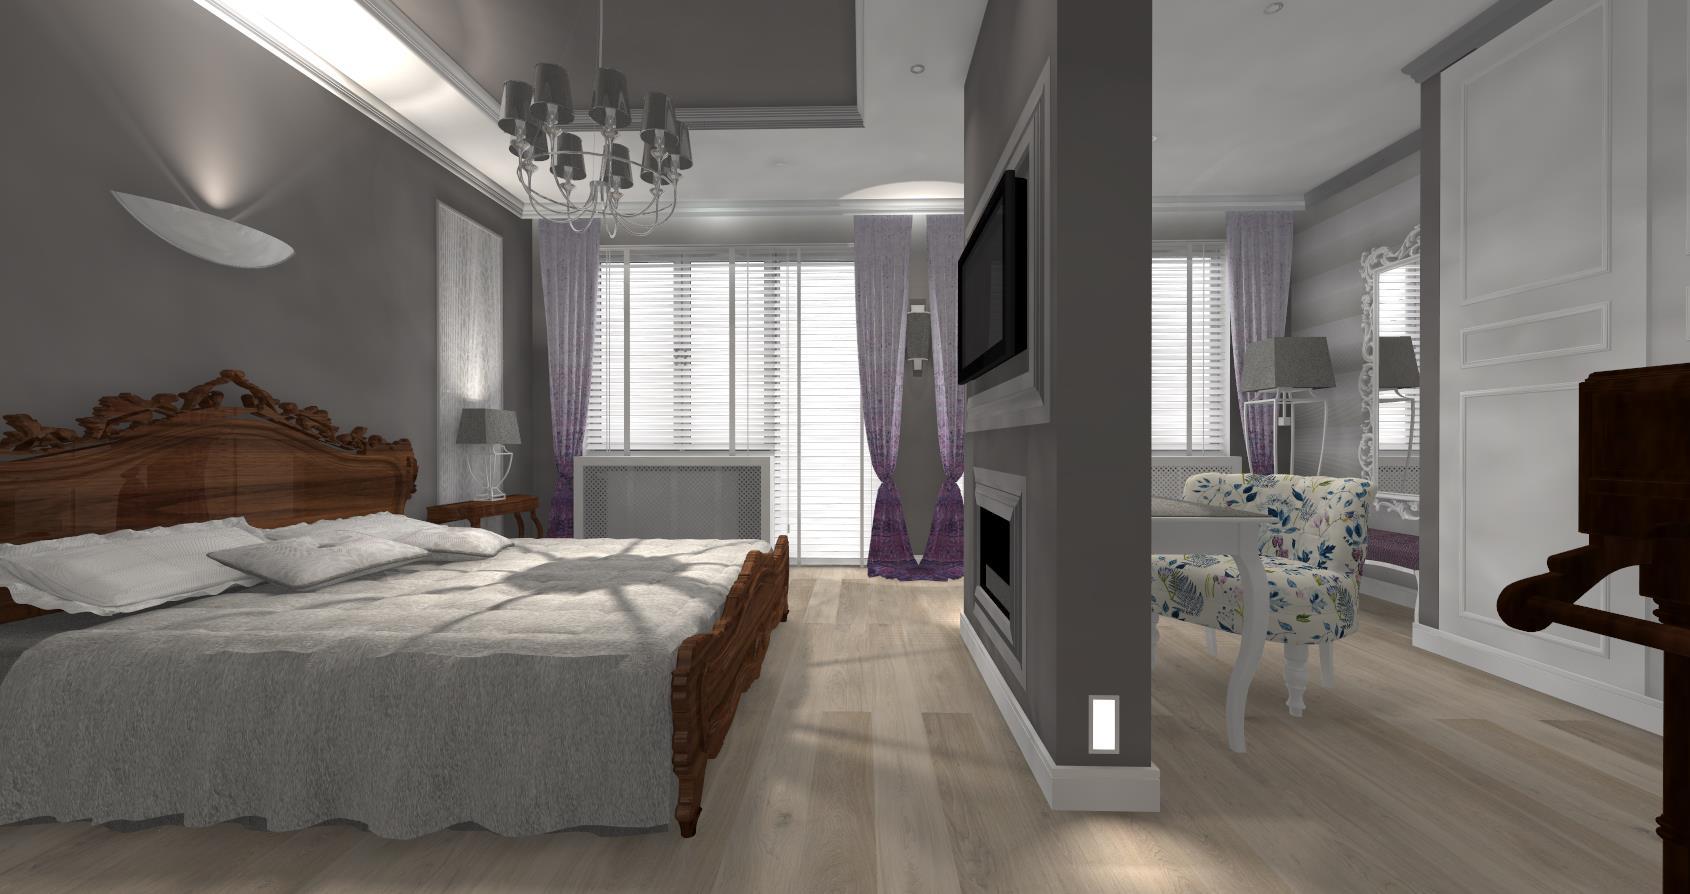 projektant-pulawy-projekt-wnetrz-wizualizacje-projekty-wnetrza-prywatne-sypialnia-pokoje-38